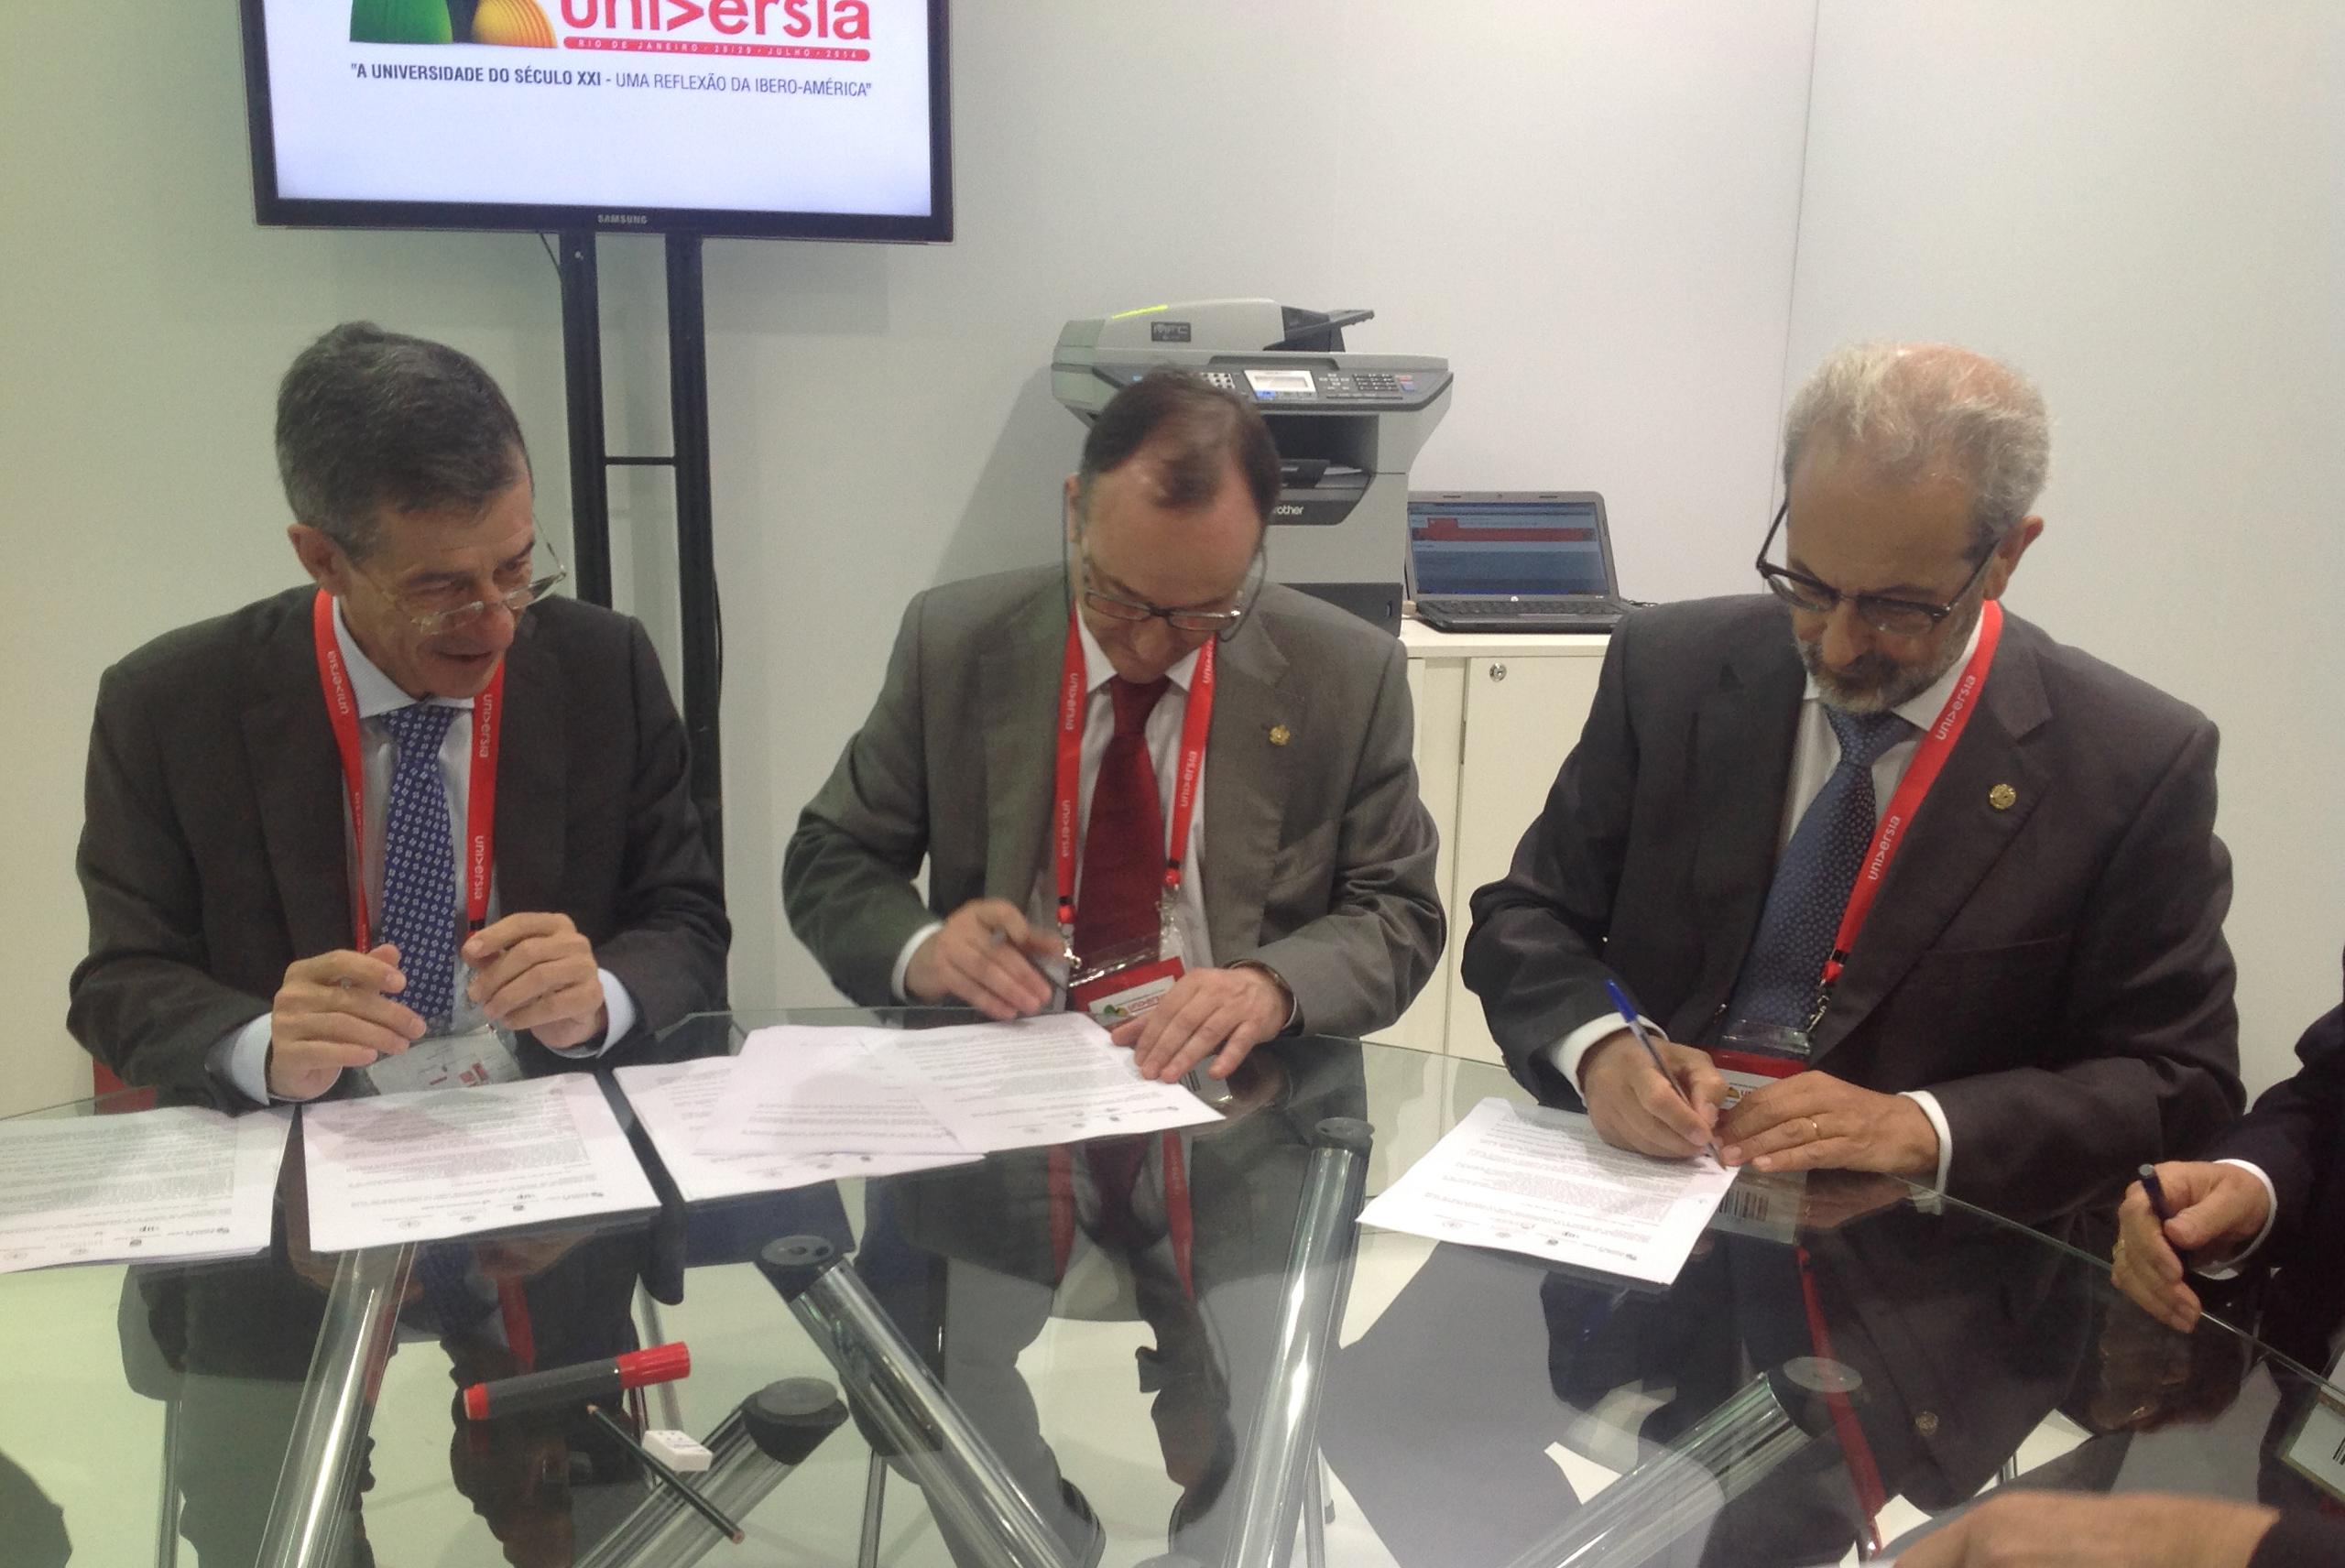 La Universidad de Salamanca y la Academia Brasileña de Letras potenciarán la cooperación académica y cultural entre ambos países